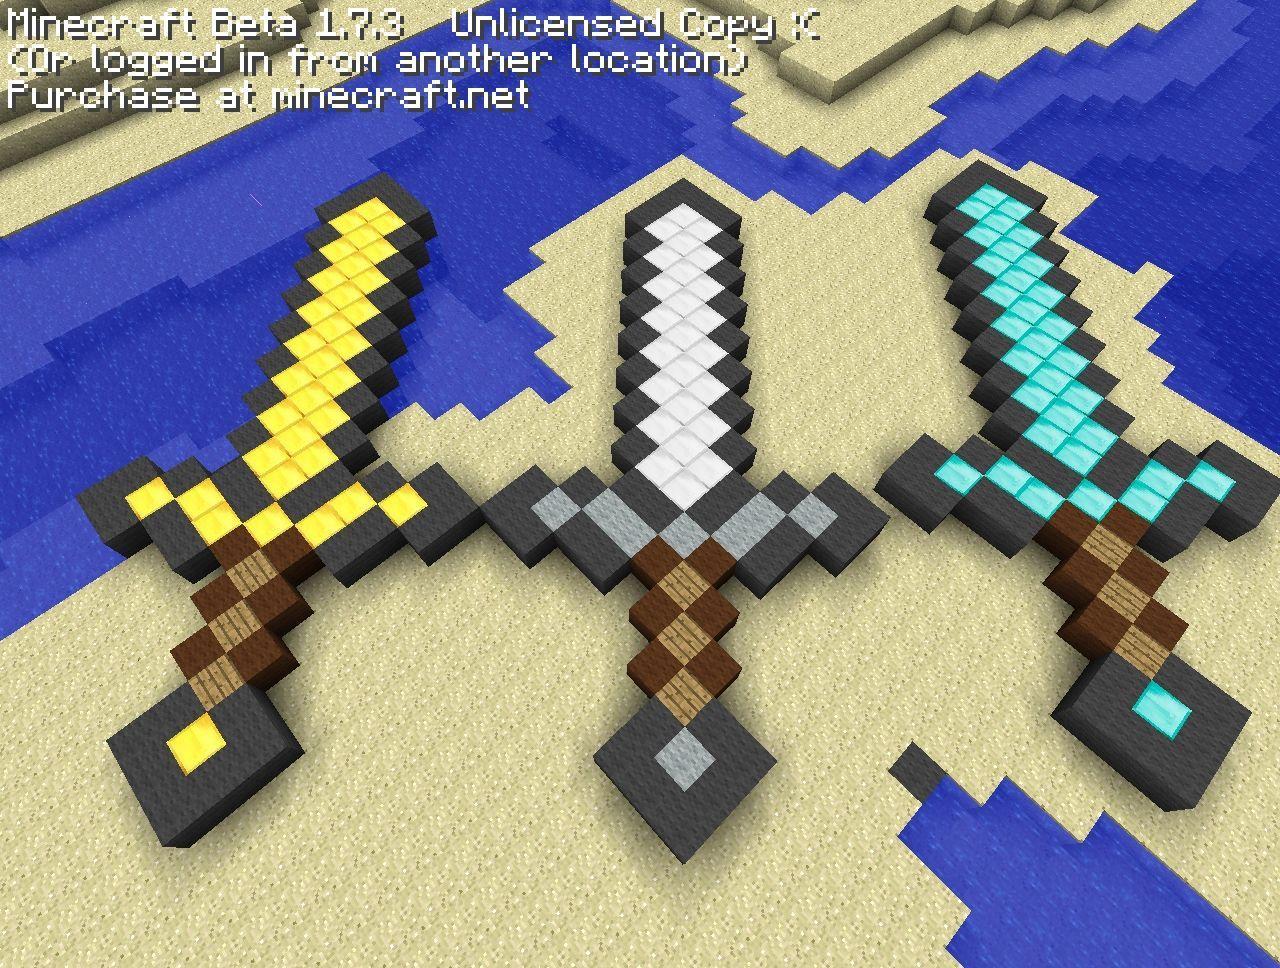 алмазный меч в майнкрафте по клеточкам